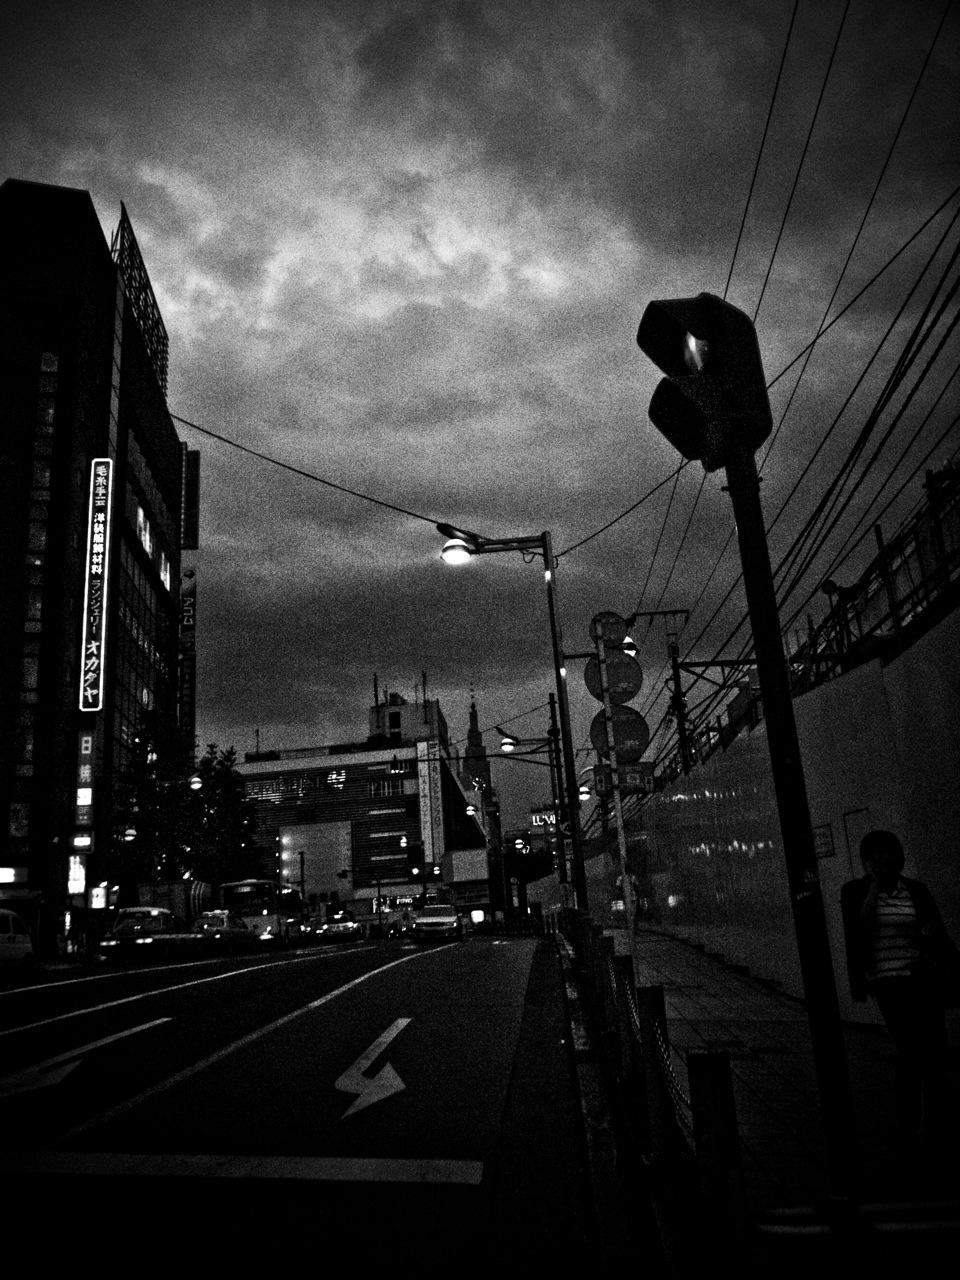 847225057 30118e9996 o Shinjuku